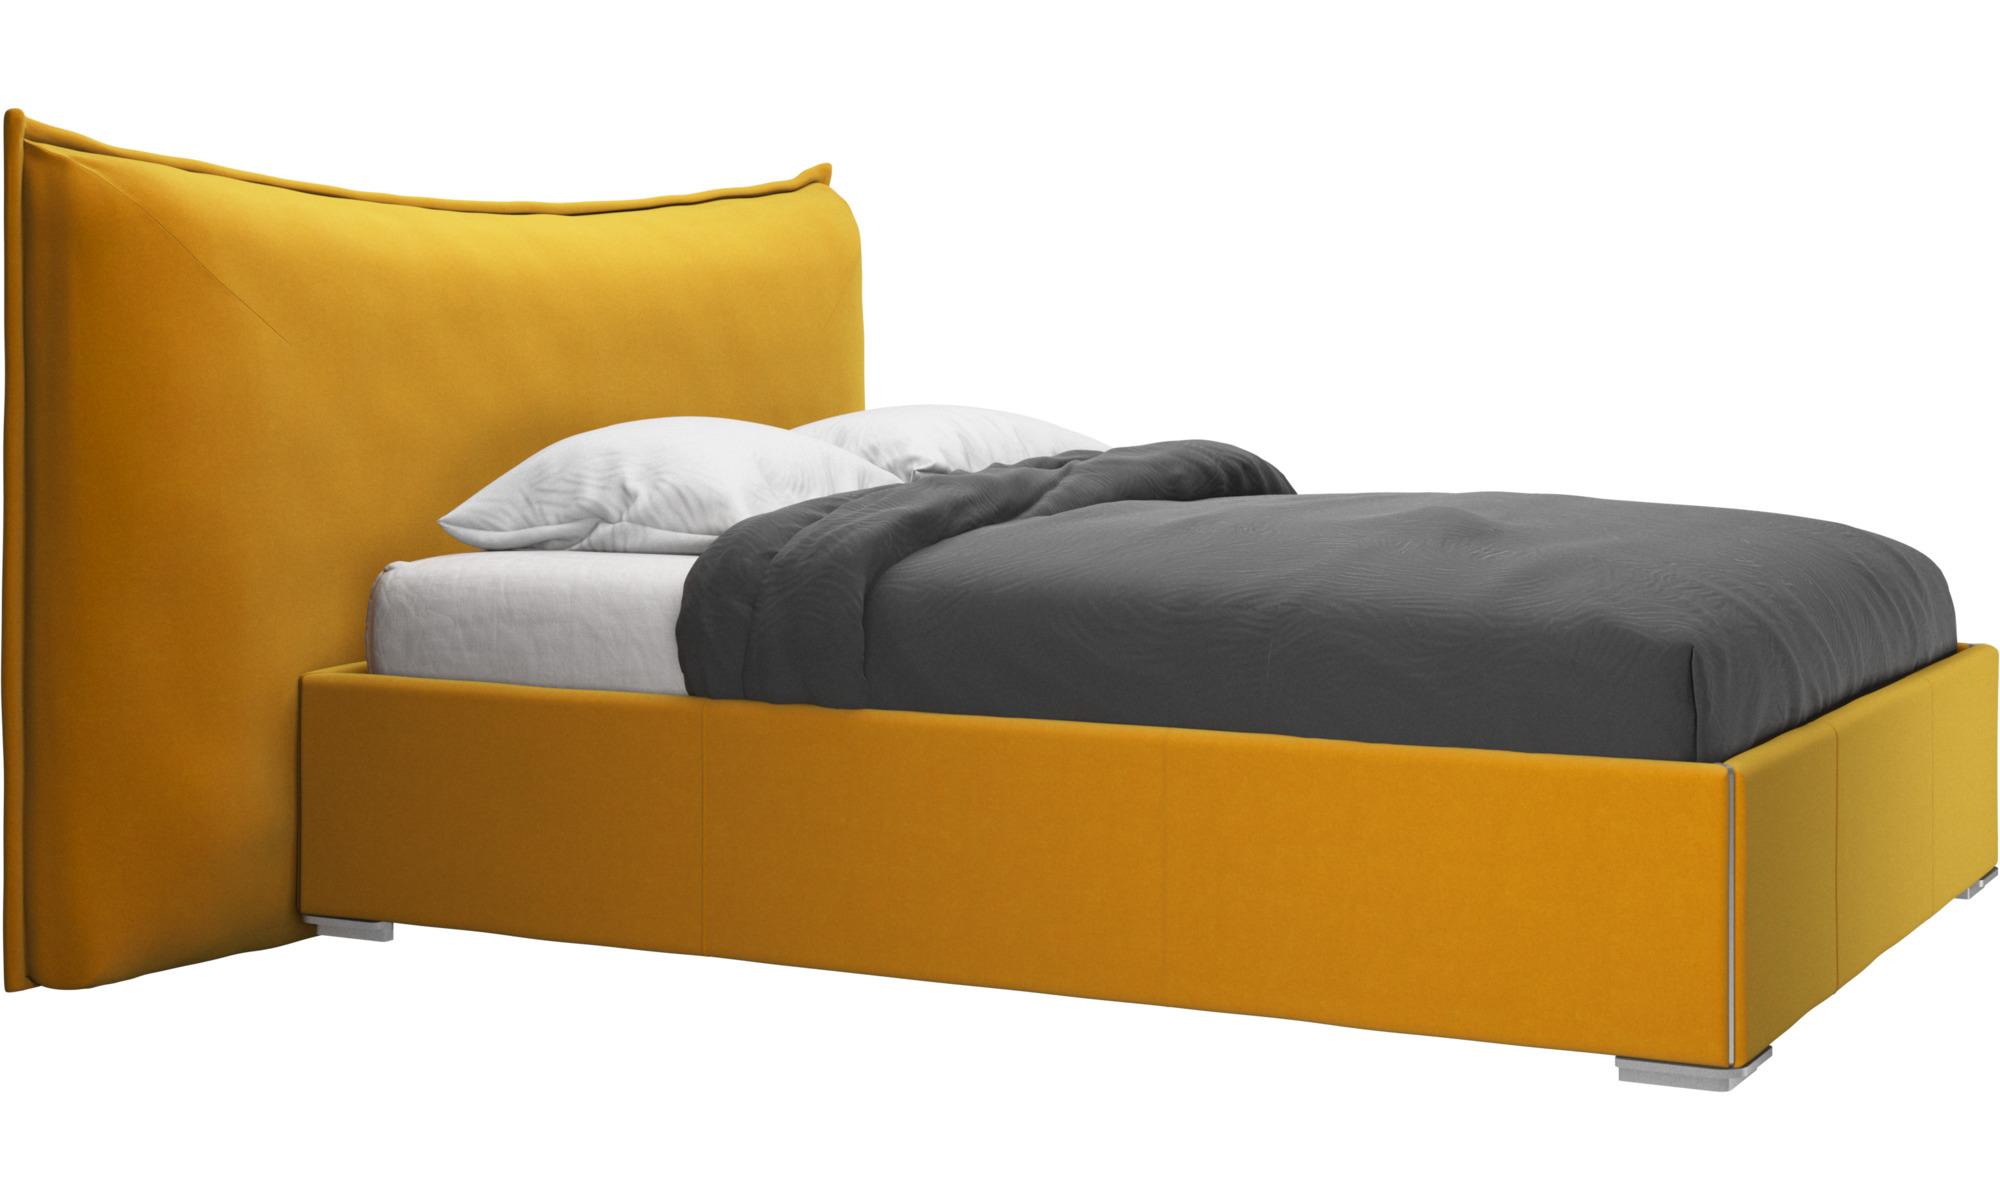 Camas - cama con canapé, estructura elevable y tablado, no incluye colchón Gent - Naranja - Tela